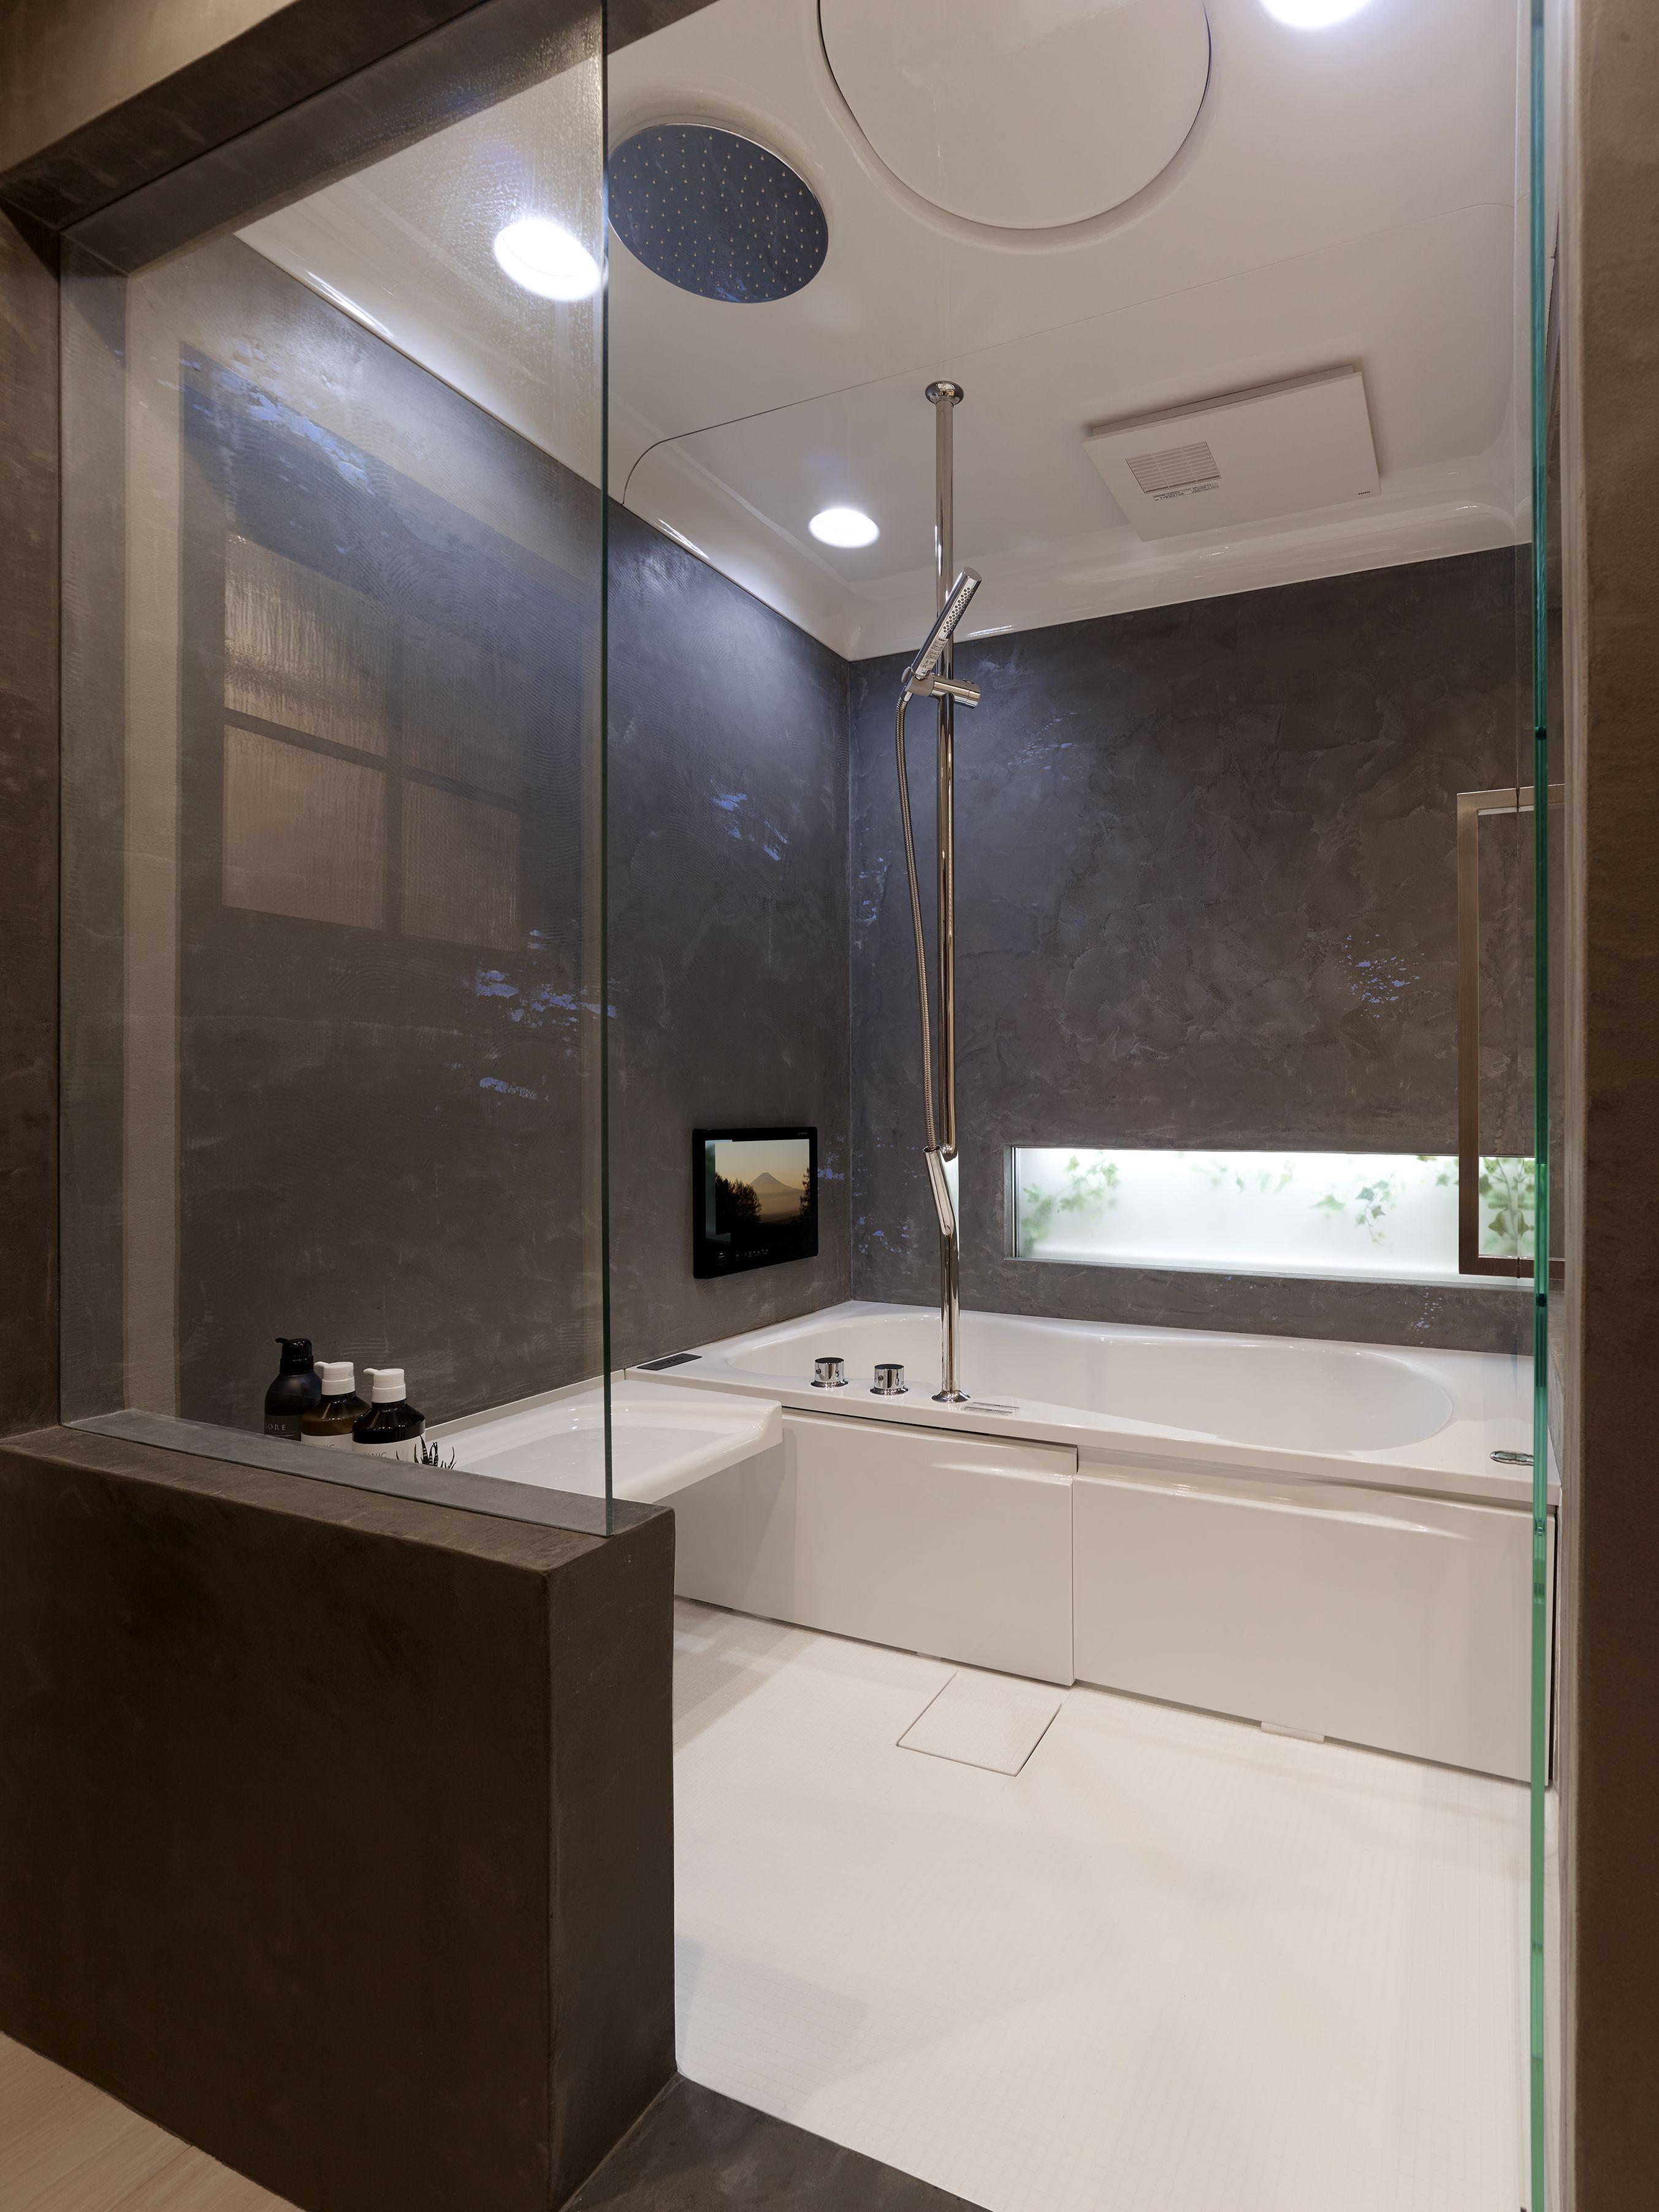 ミサワホームイングデザインリフォーム ガラス張りでホテルライクな